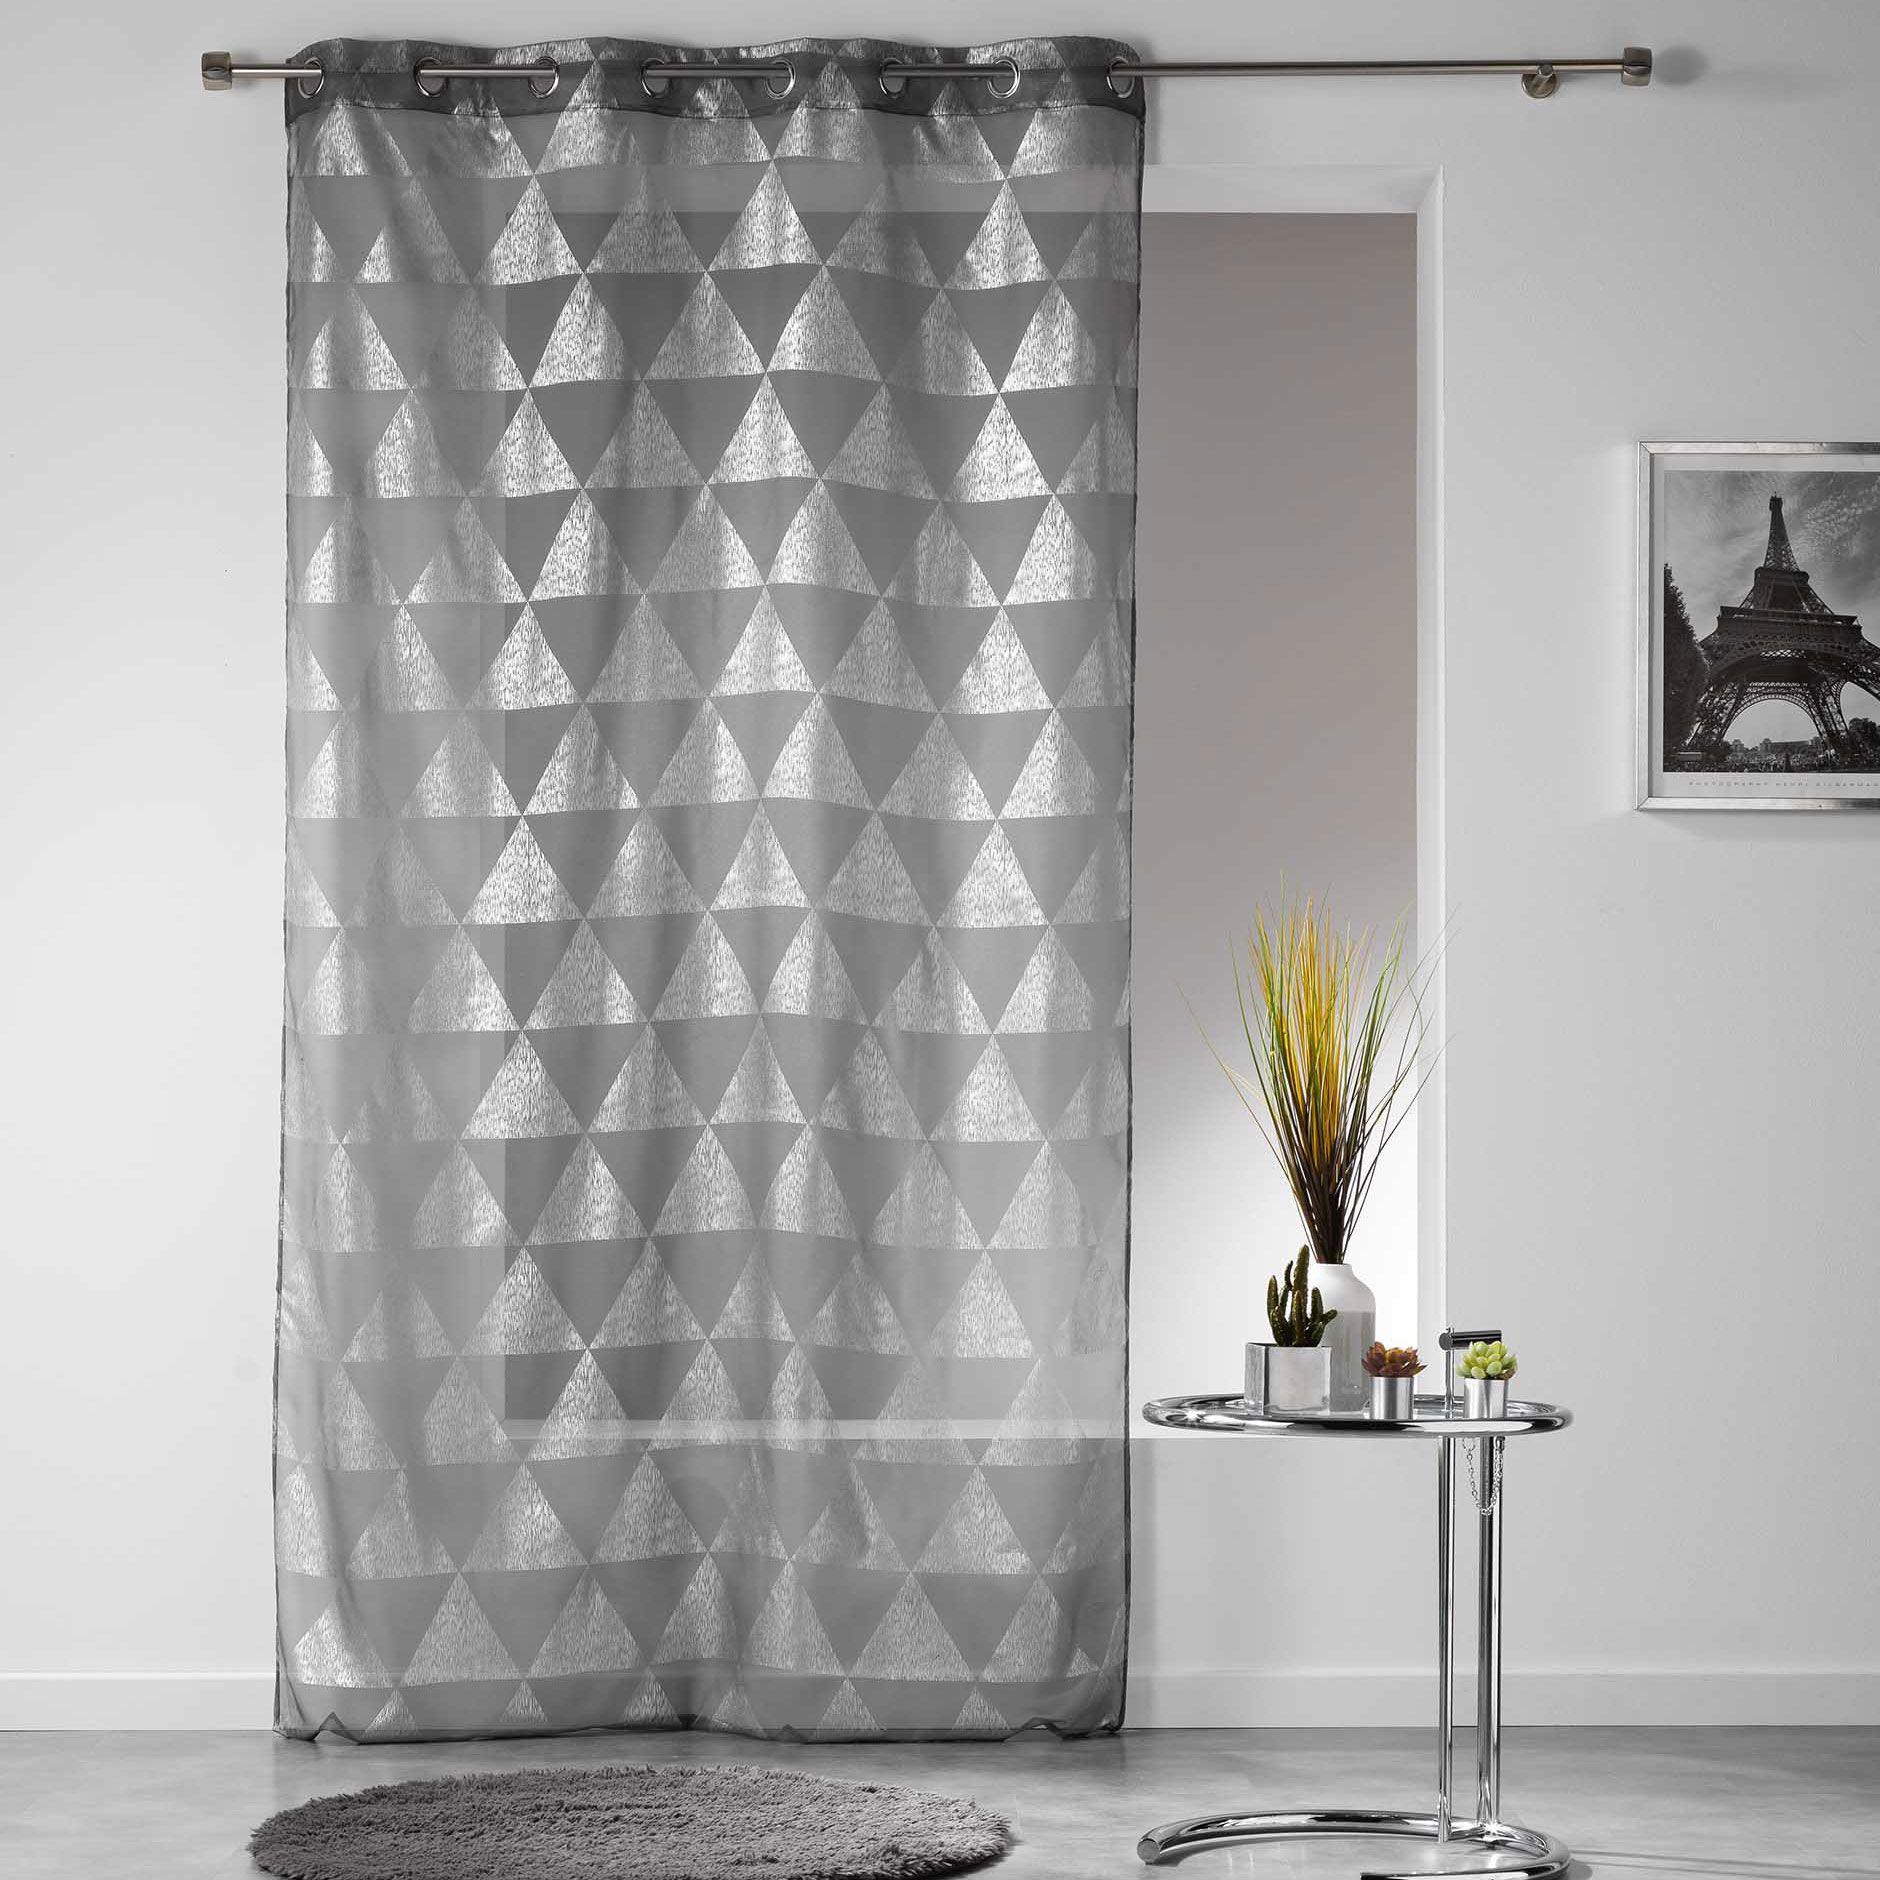 voilage 140 x 240 cm frosty gris anthracite voilage eminza. Black Bedroom Furniture Sets. Home Design Ideas